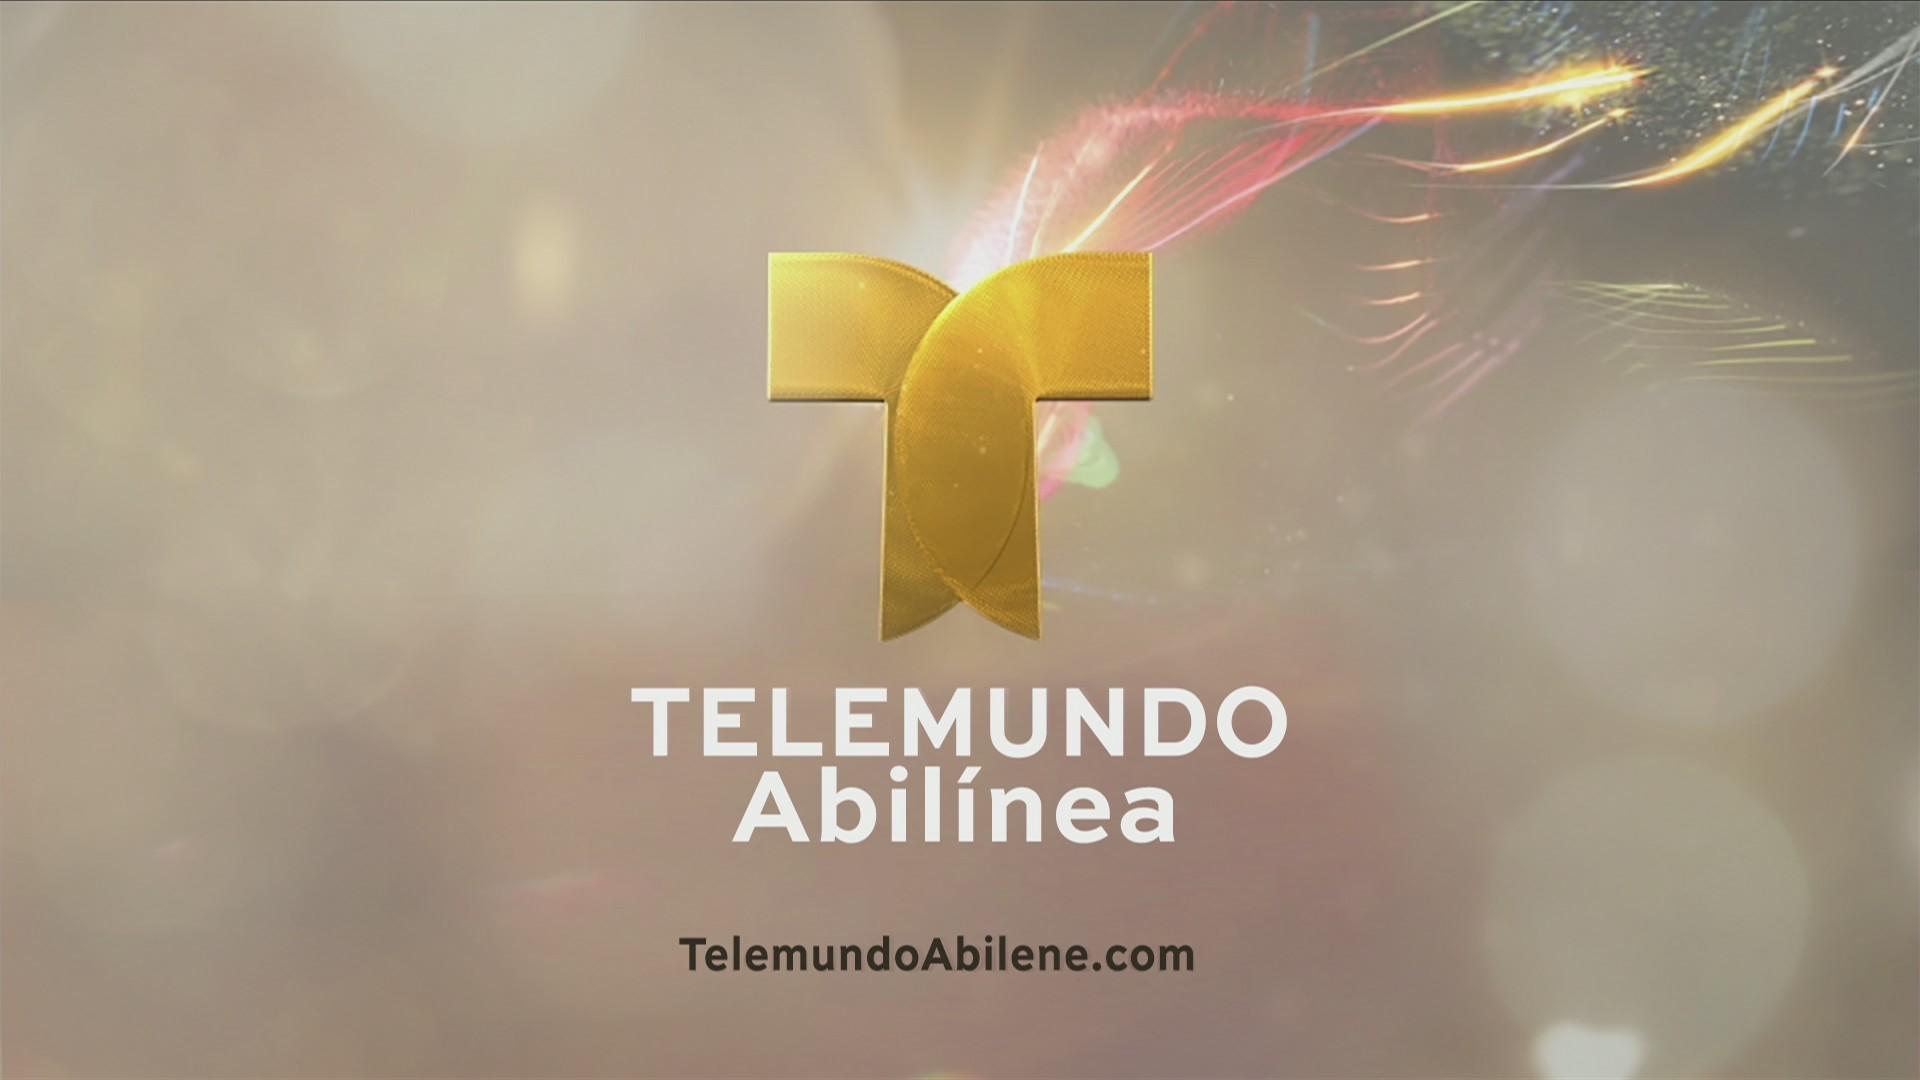 Telemundo Abilínea - 22 de mayo, 2019